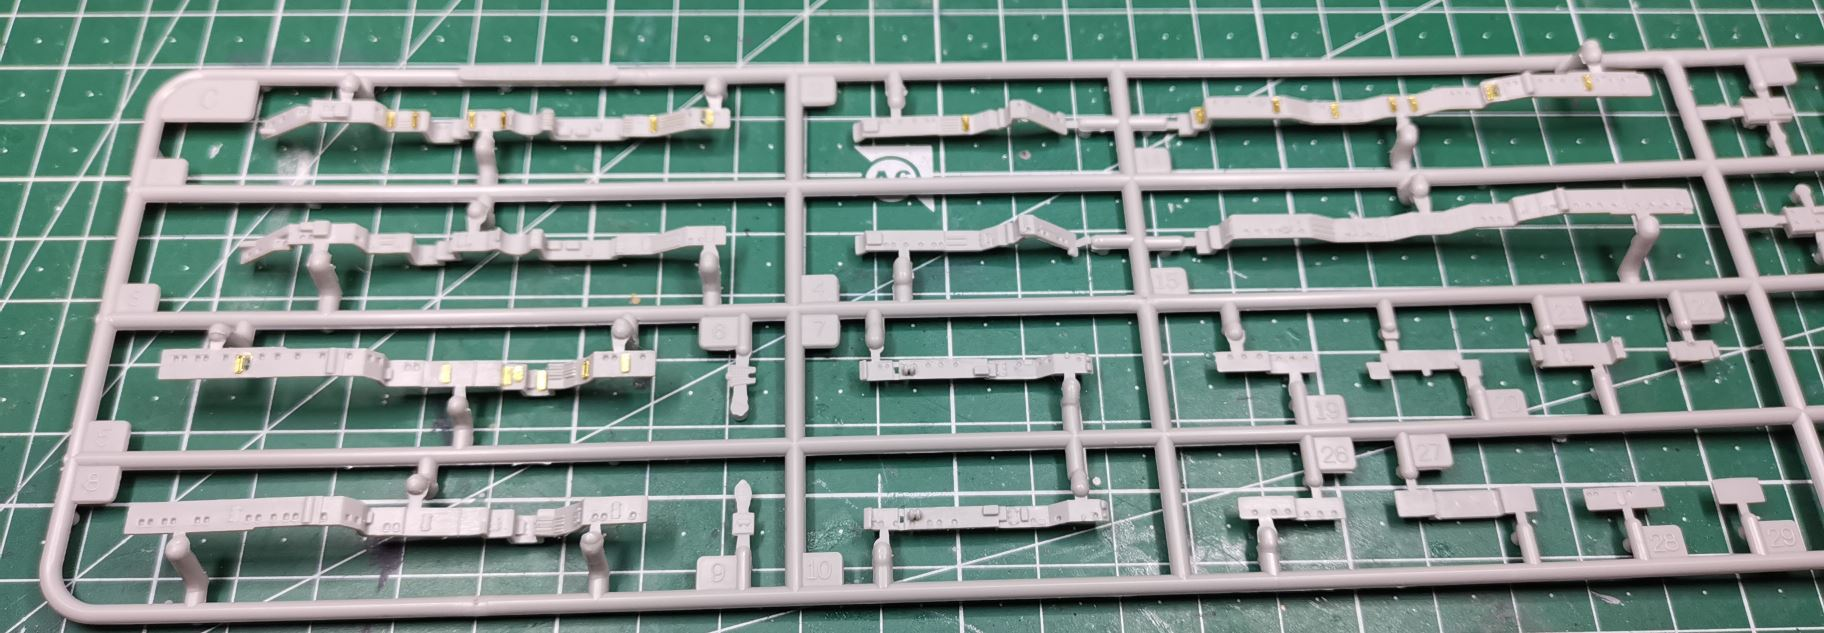 [TERMINE] Croiseur Prinz Eugen Trumpeter 1/700e, PE Flyhawk, pont en bois - Page 2 Portes12